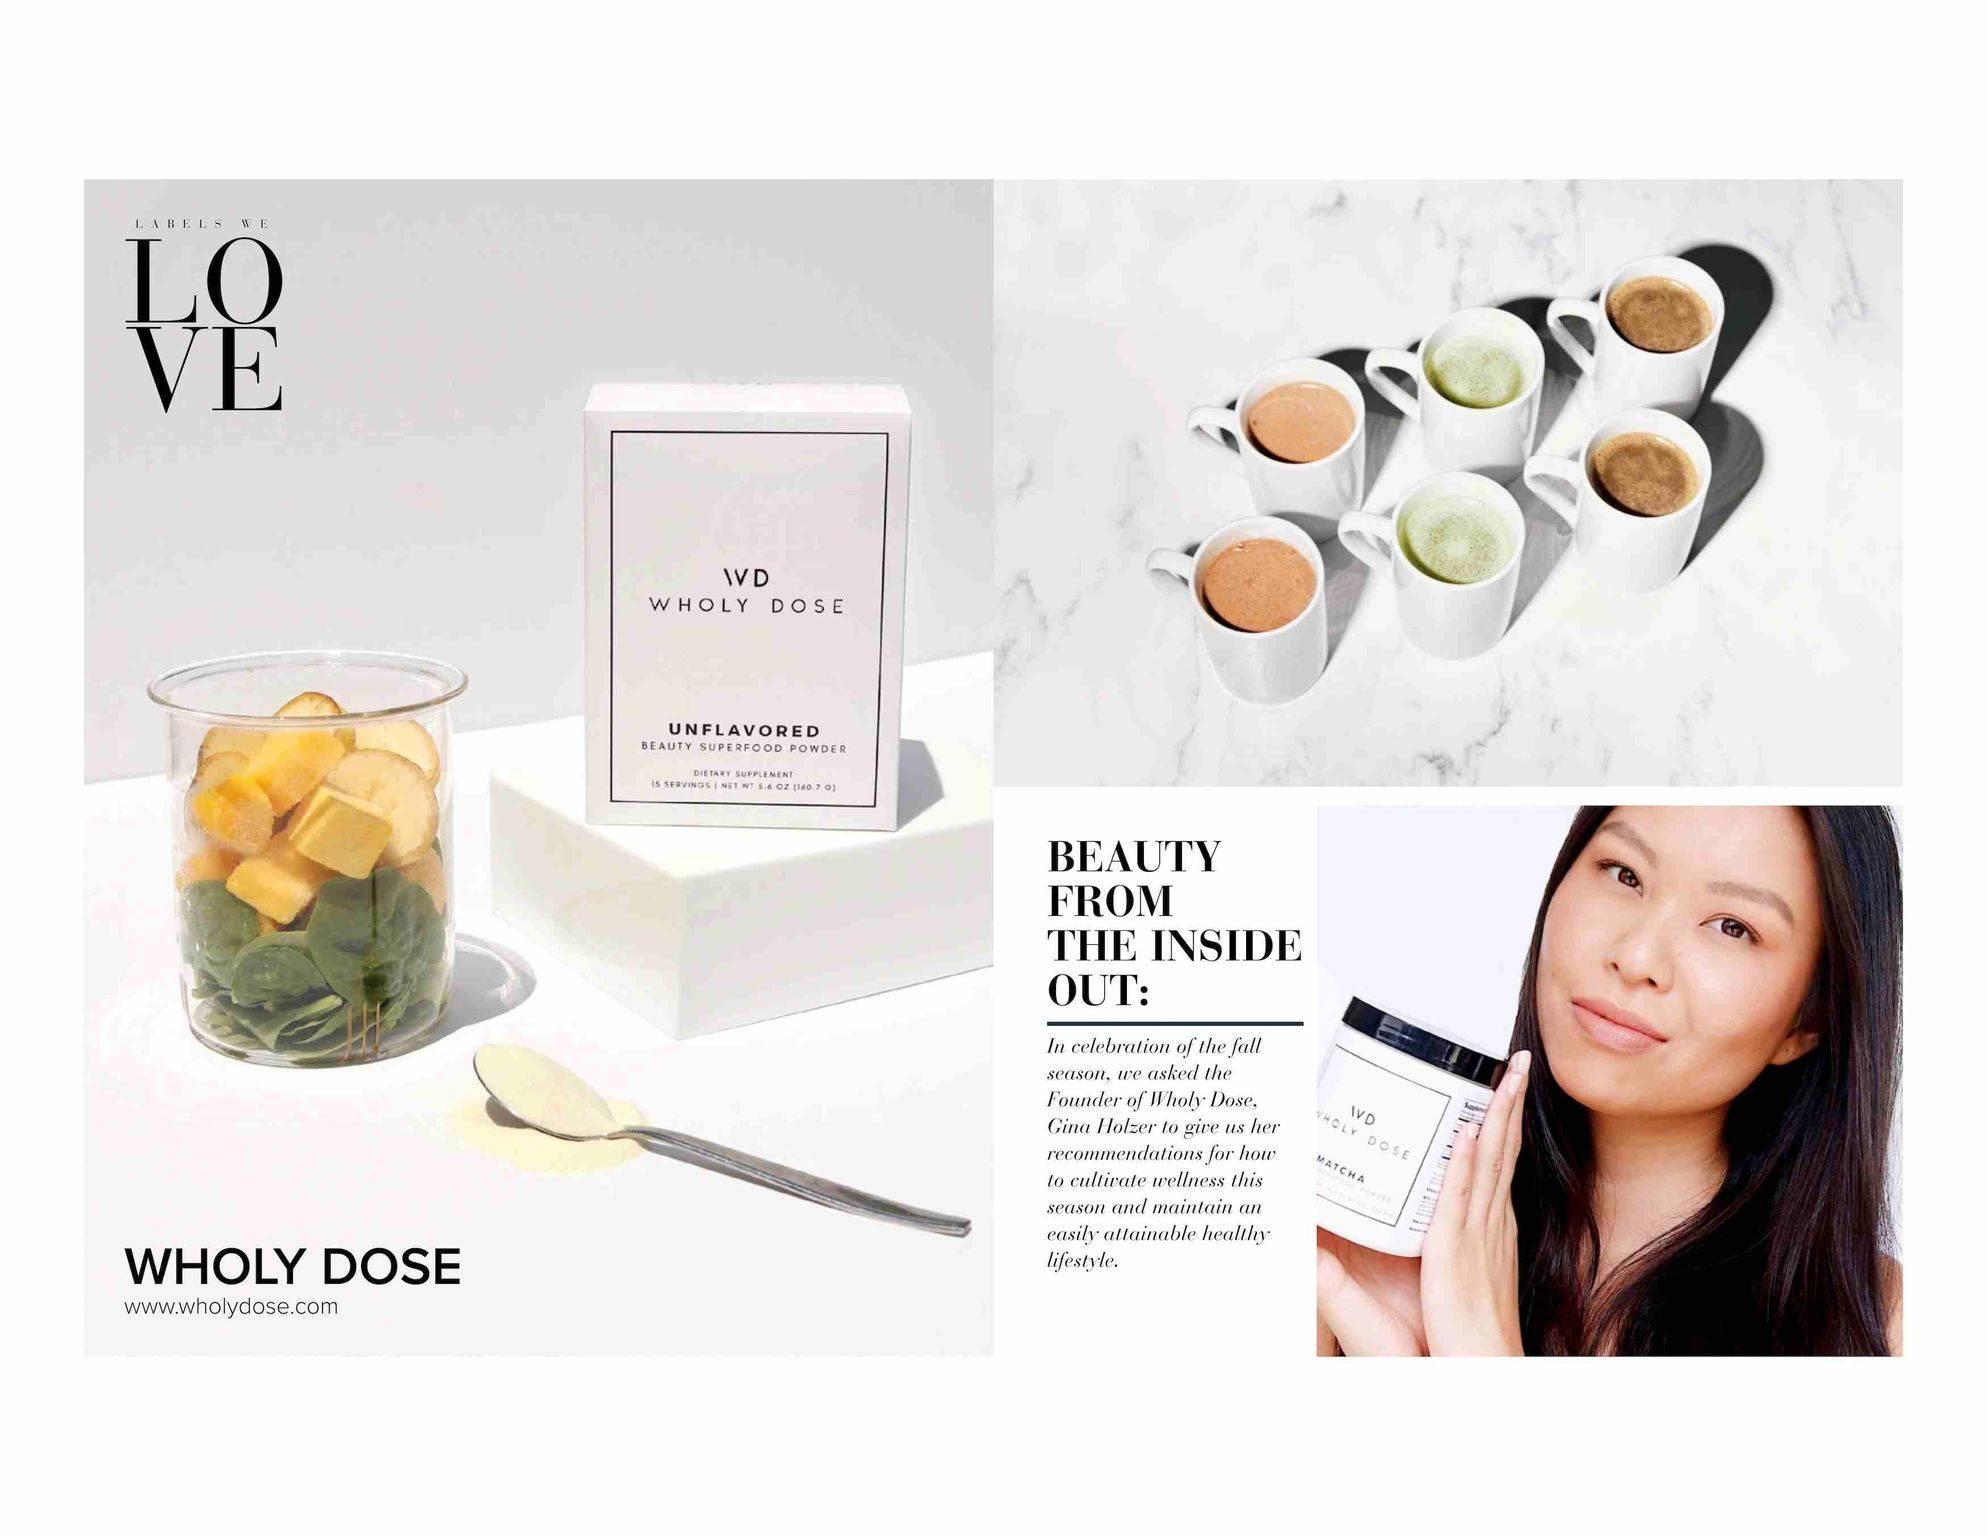 modeliste-magazine-beauty-brands-wholy-dose